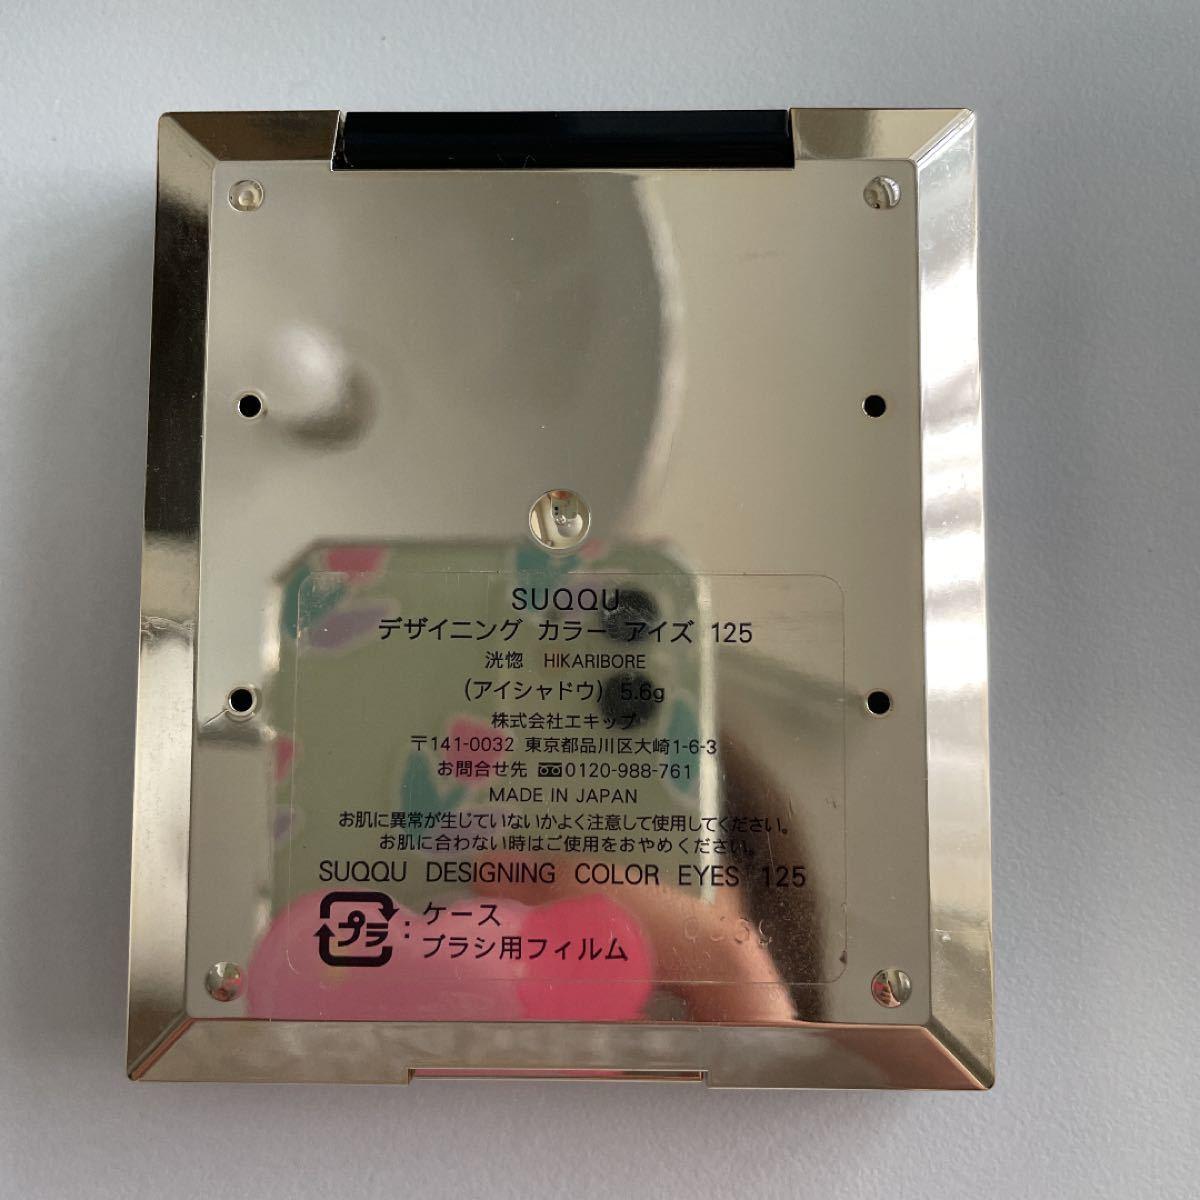 SUQQU デザイニングカラーアイズ スック アイシャドウ 限定品  HIKARIBORE